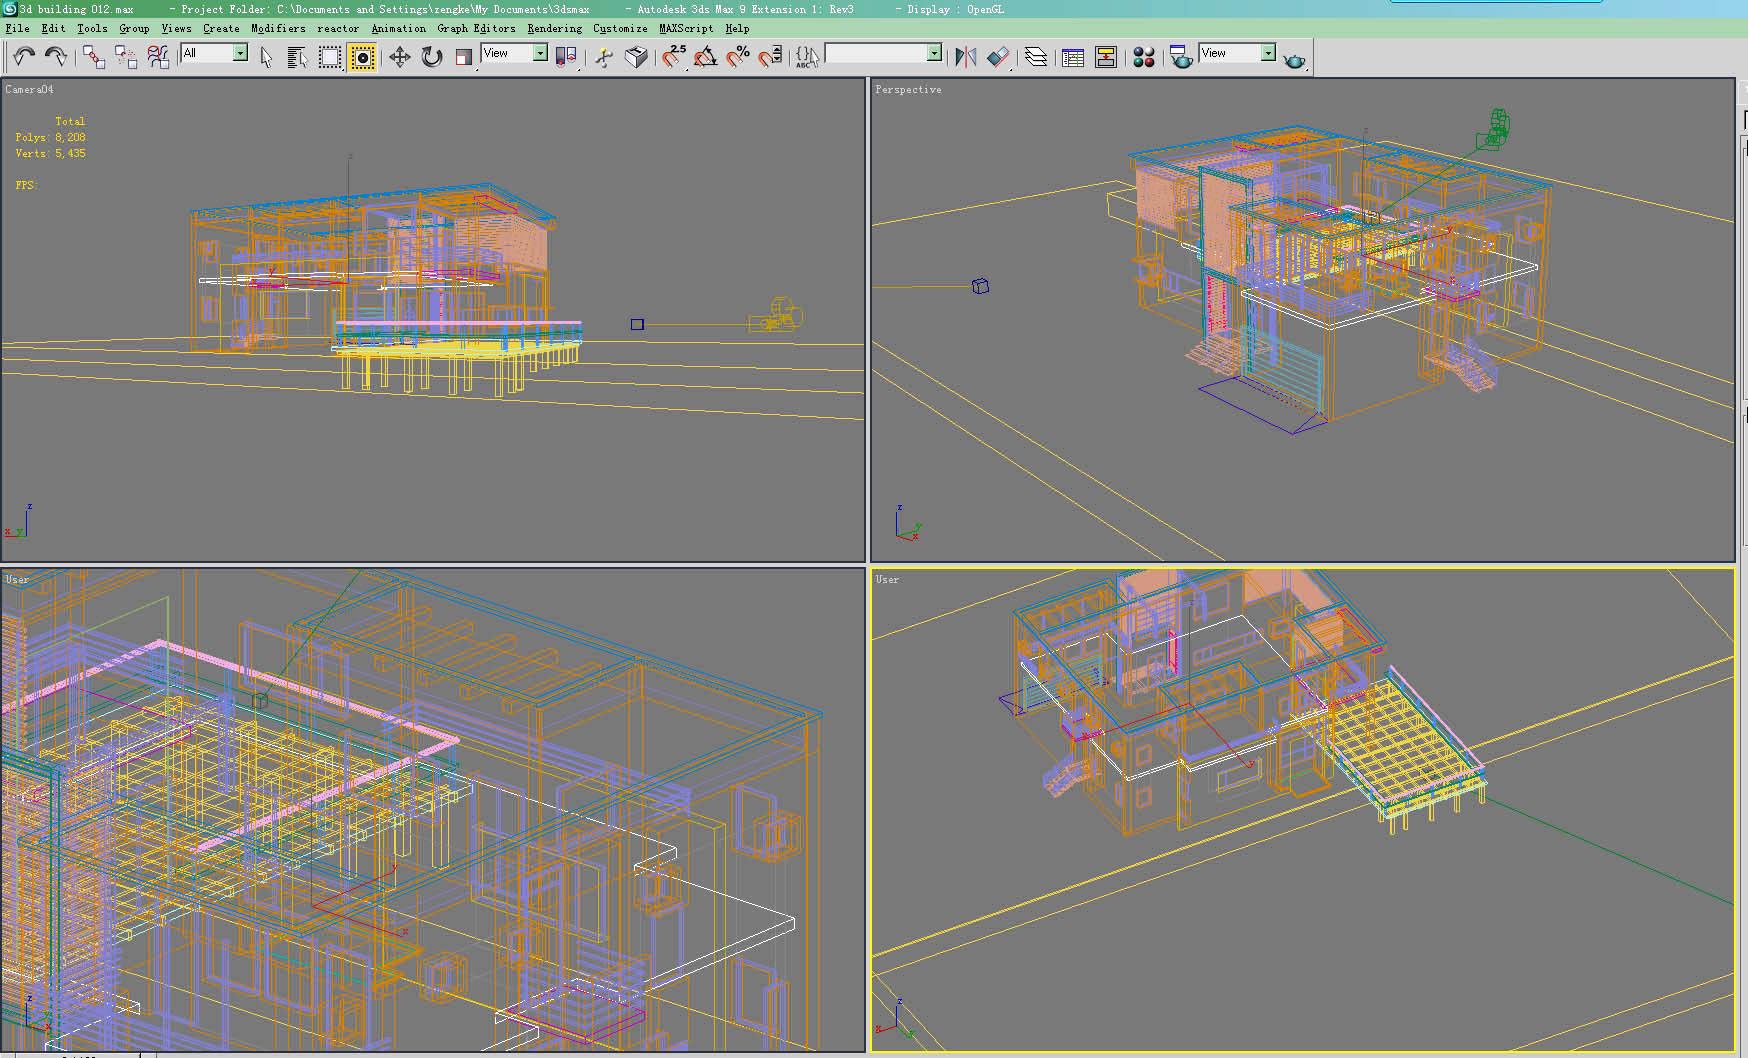 عمارت 012 3D ماڈل زیادہ سے زیادہ 123125